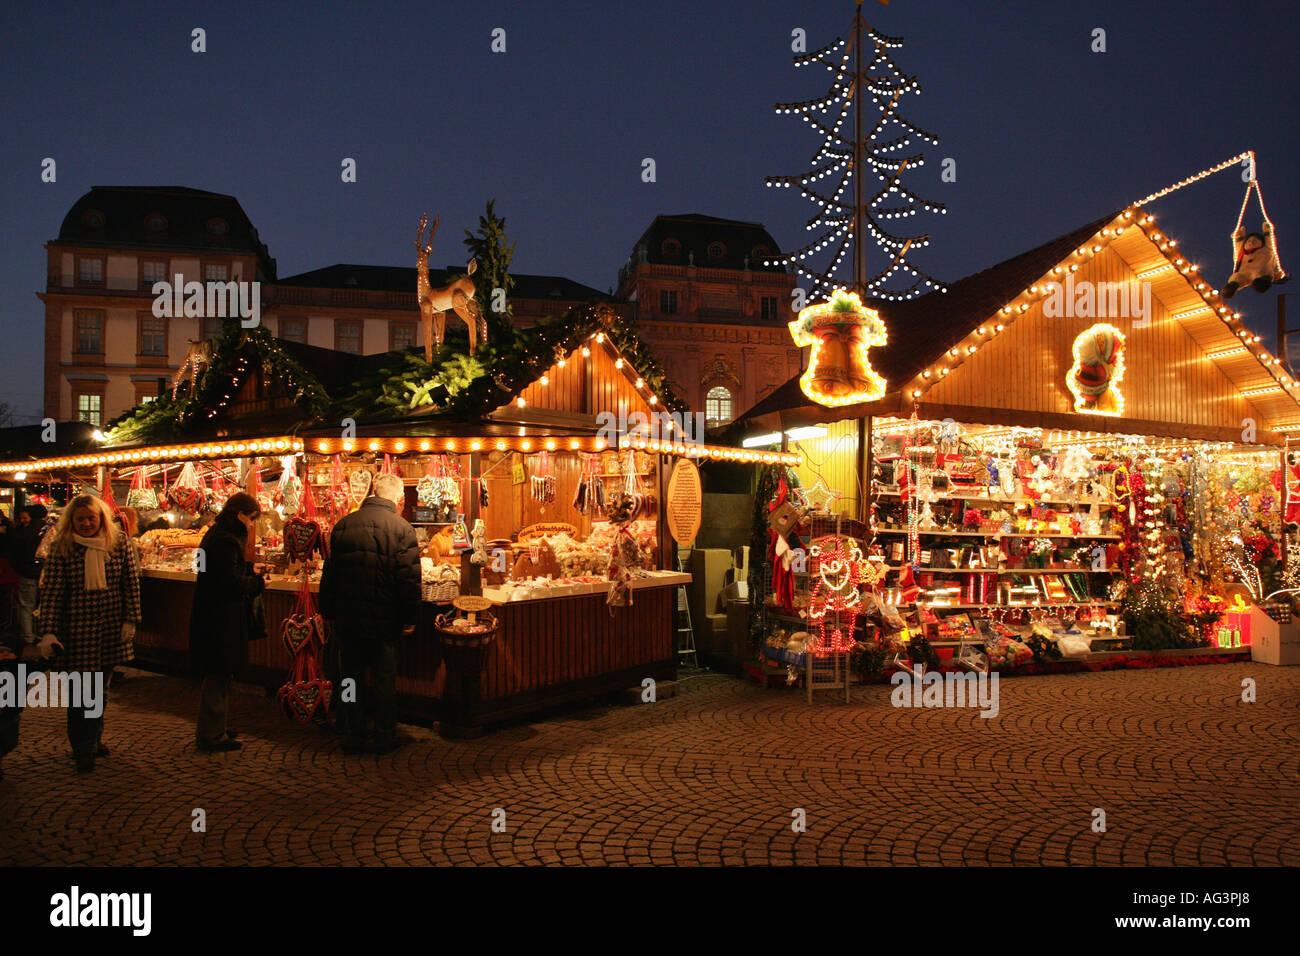 weihnachten christkindlmarkt weihnachtsmarkt marktplatz. Black Bedroom Furniture Sets. Home Design Ideas